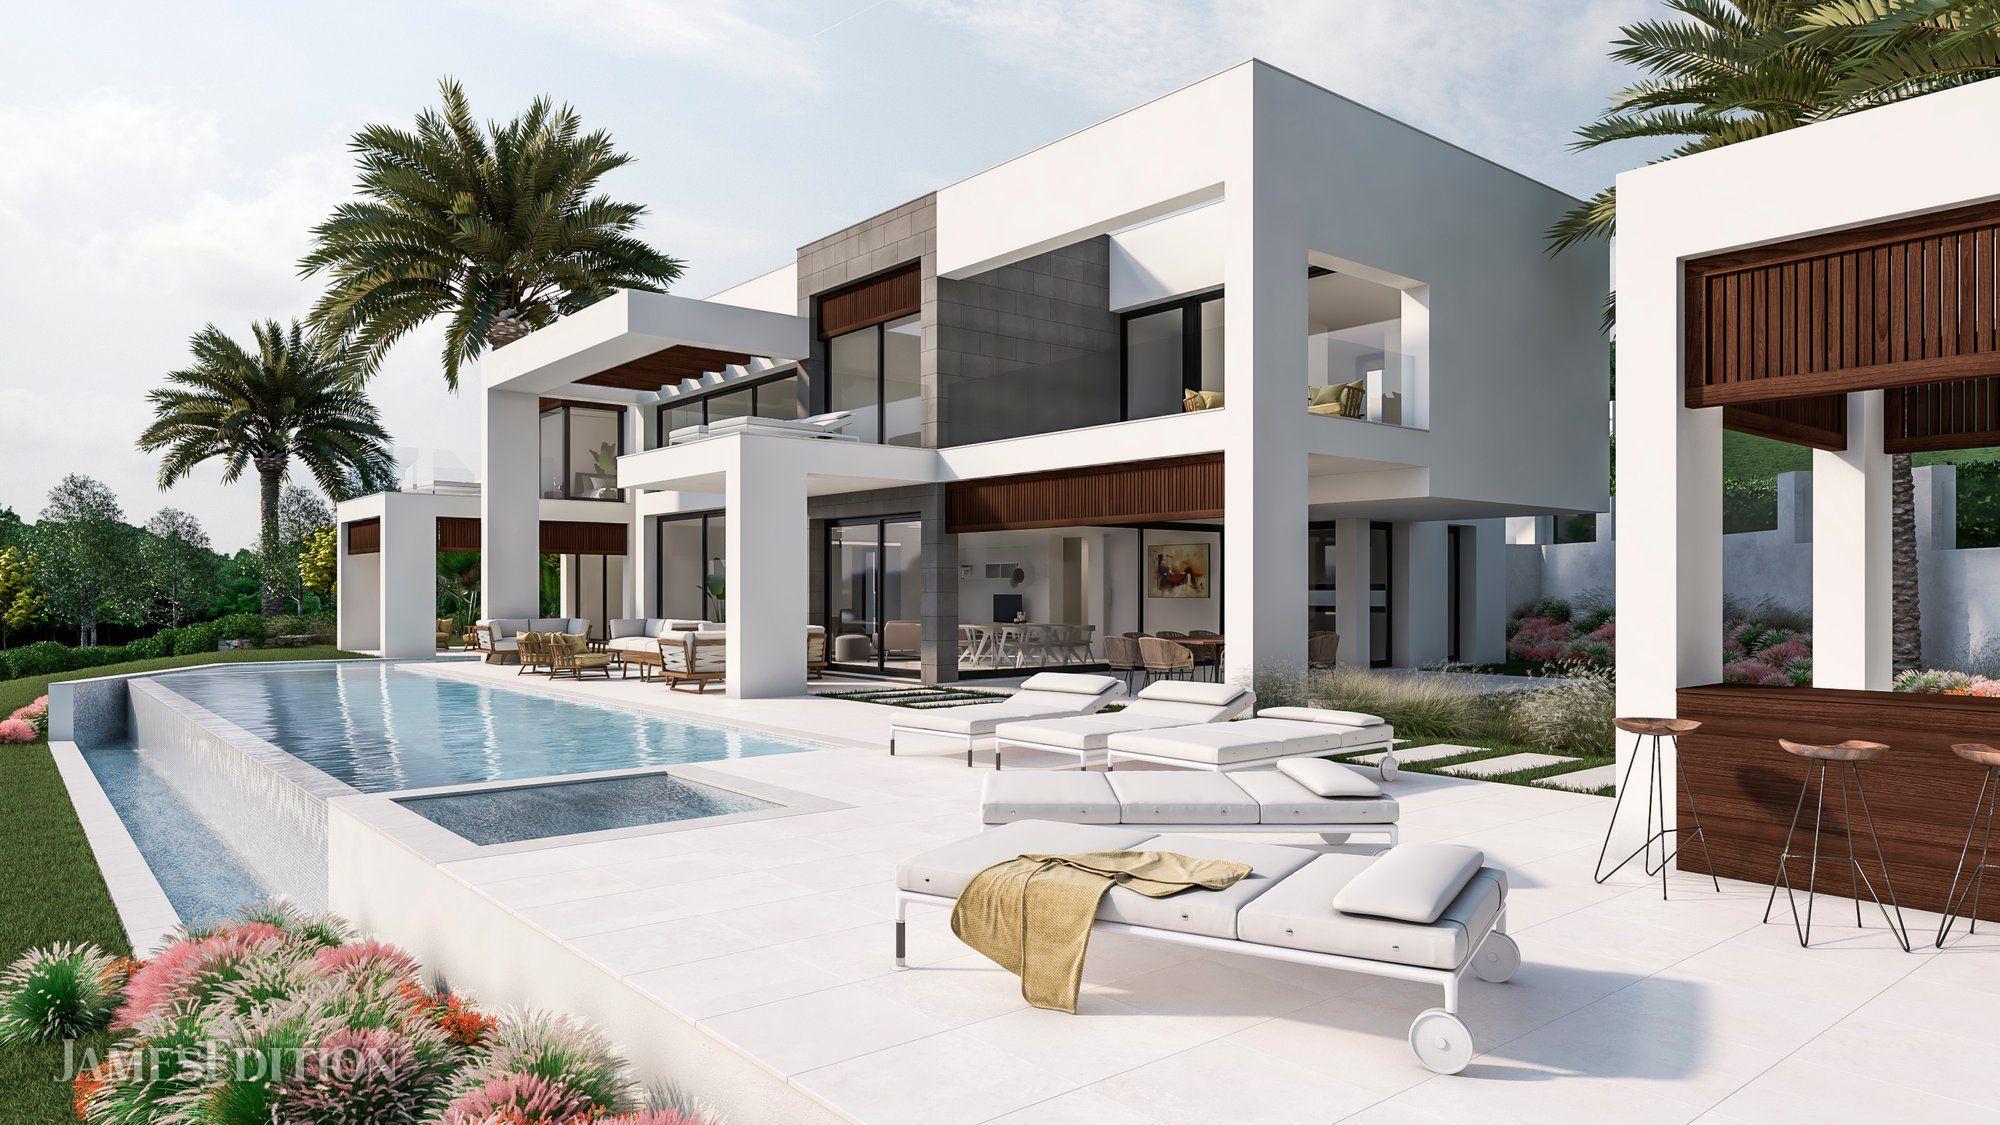 Villa in Marbella, Andalusia, Spain 1 - 10461243